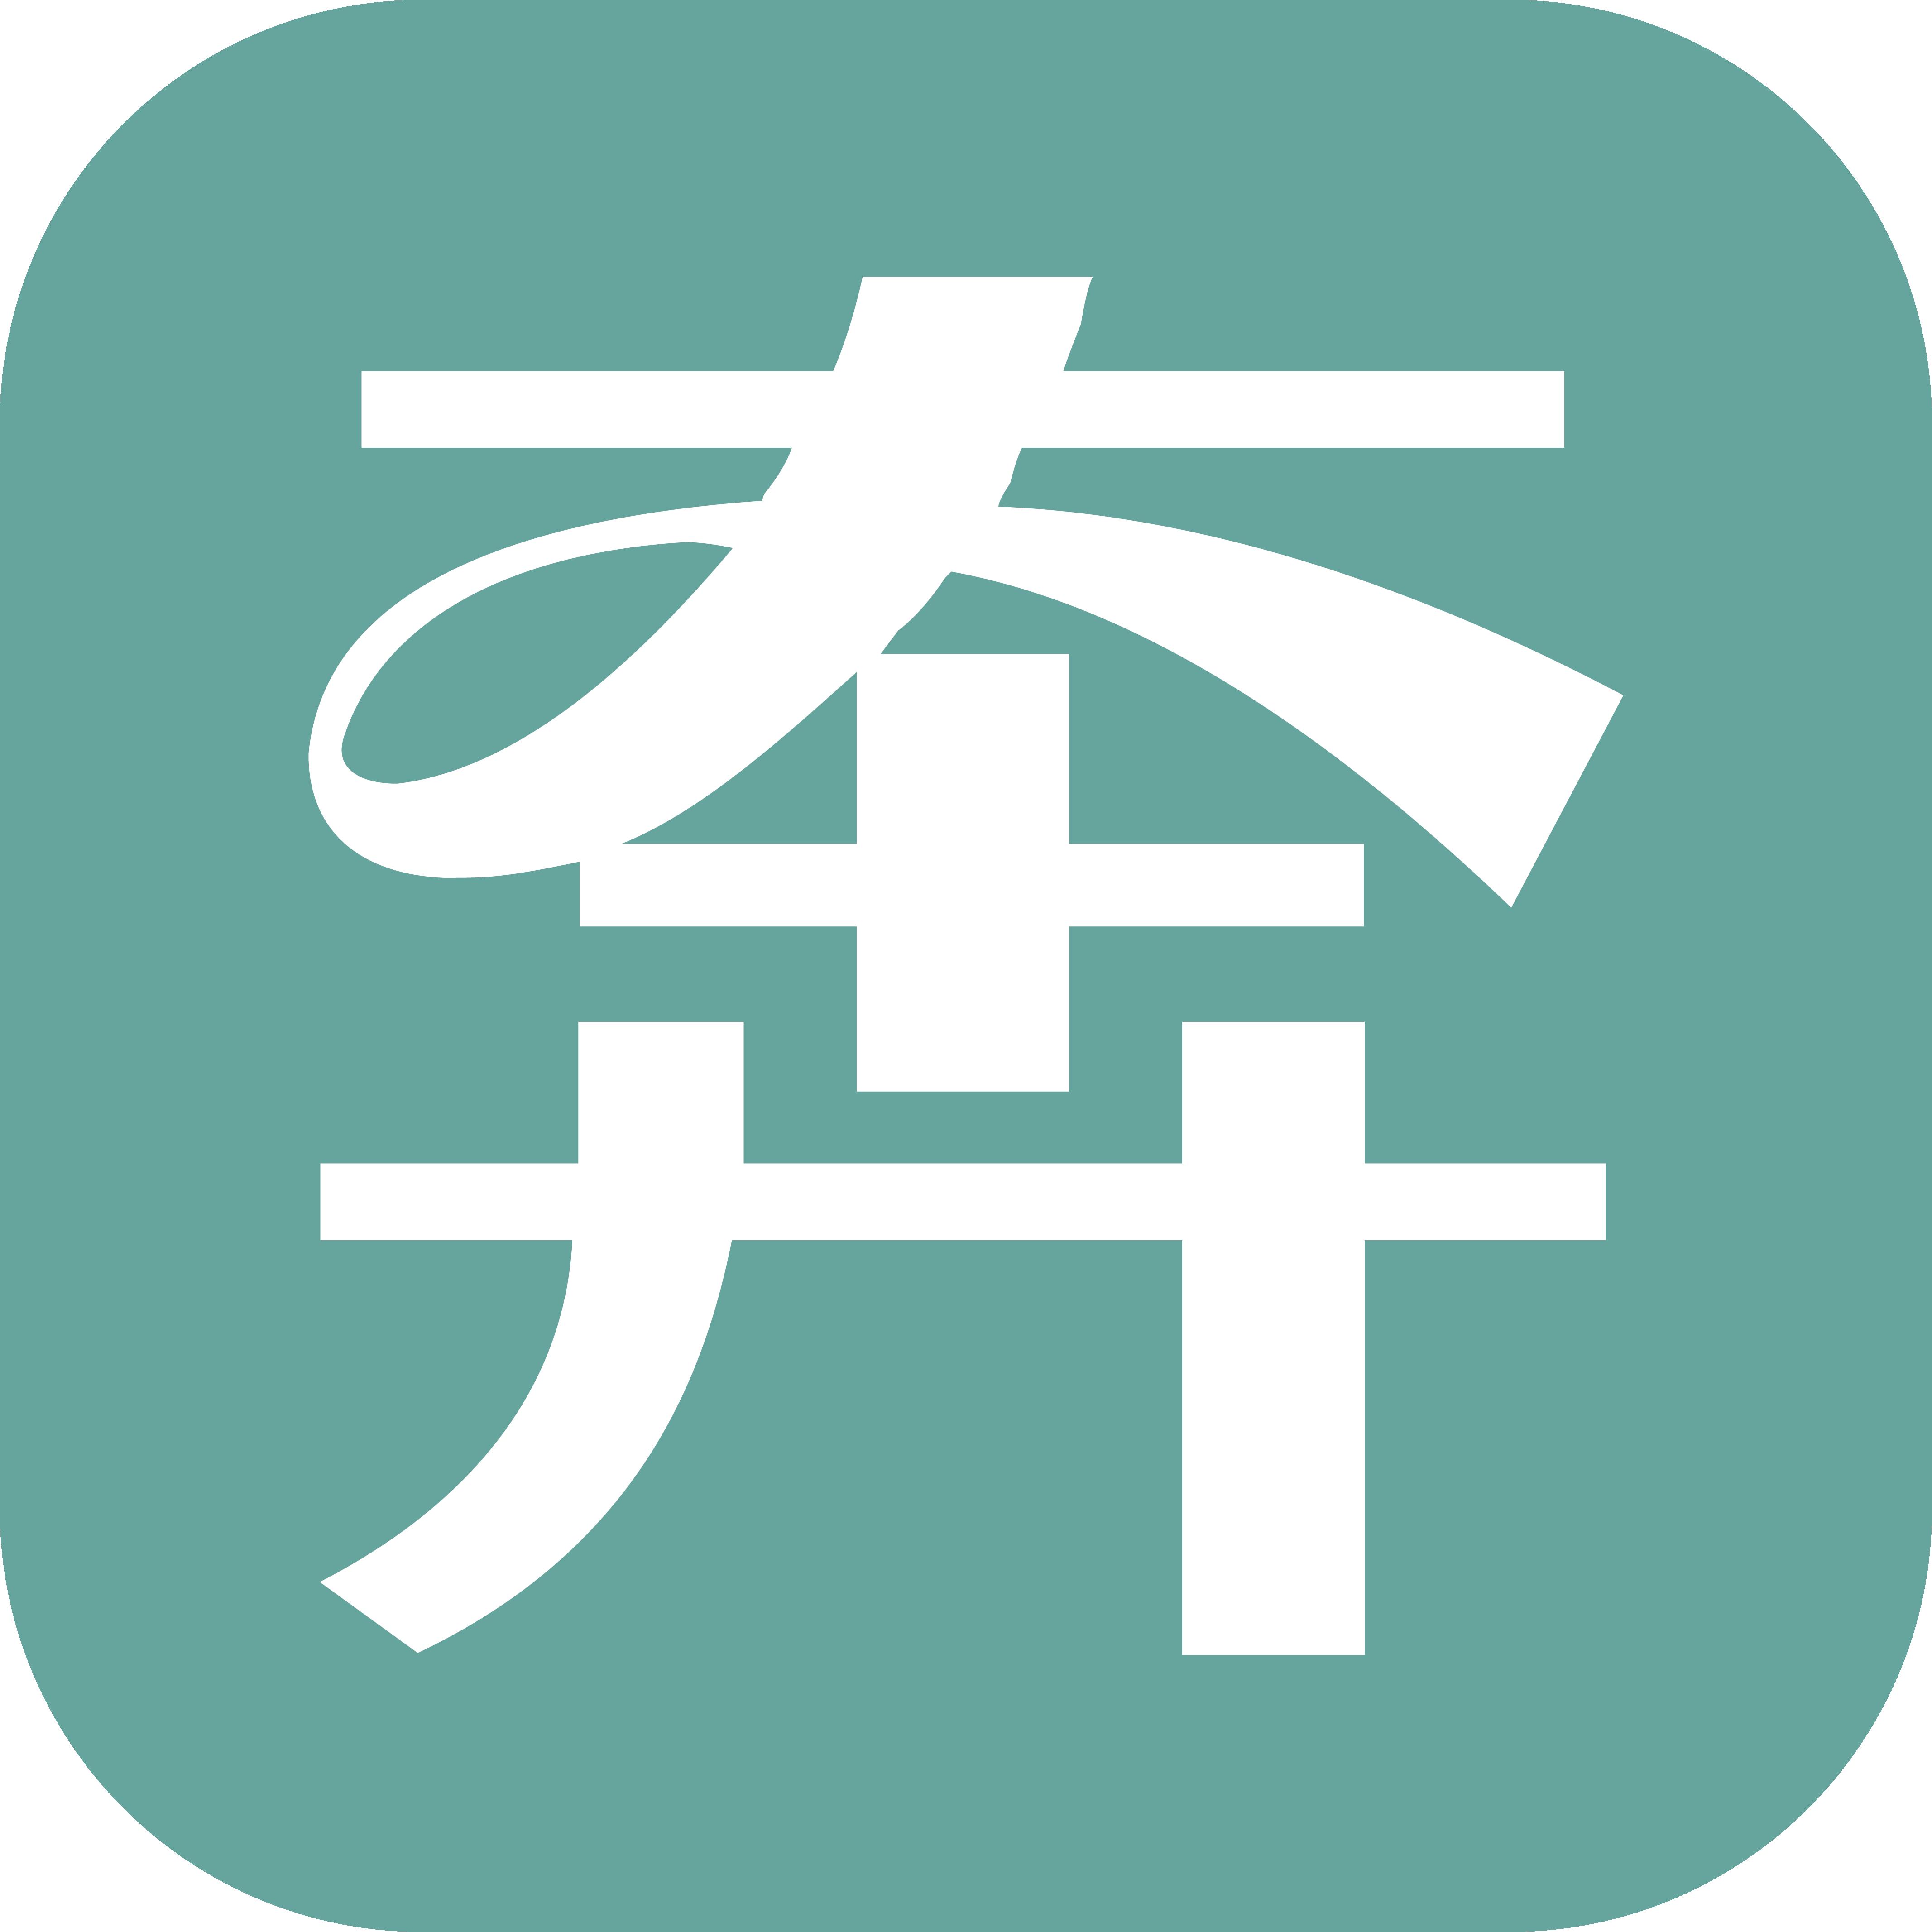 上海达奔网络科技有限公司 最新采购和商业信息